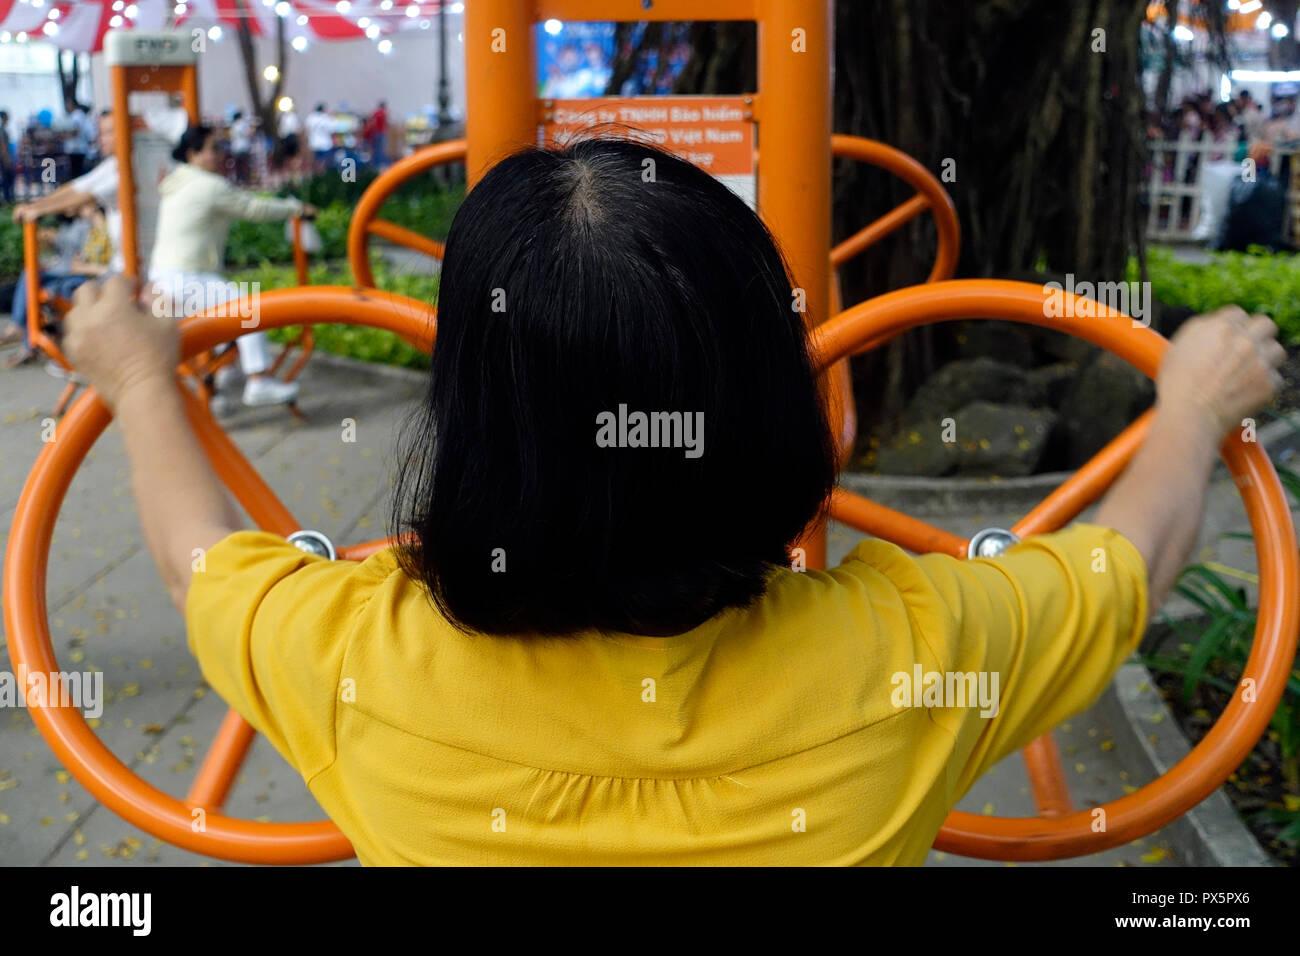 Una mujer de mediana edad con aparatos de ejercicios en un parque. Ho Chi Minh City. Vietnam. Imagen De Stock